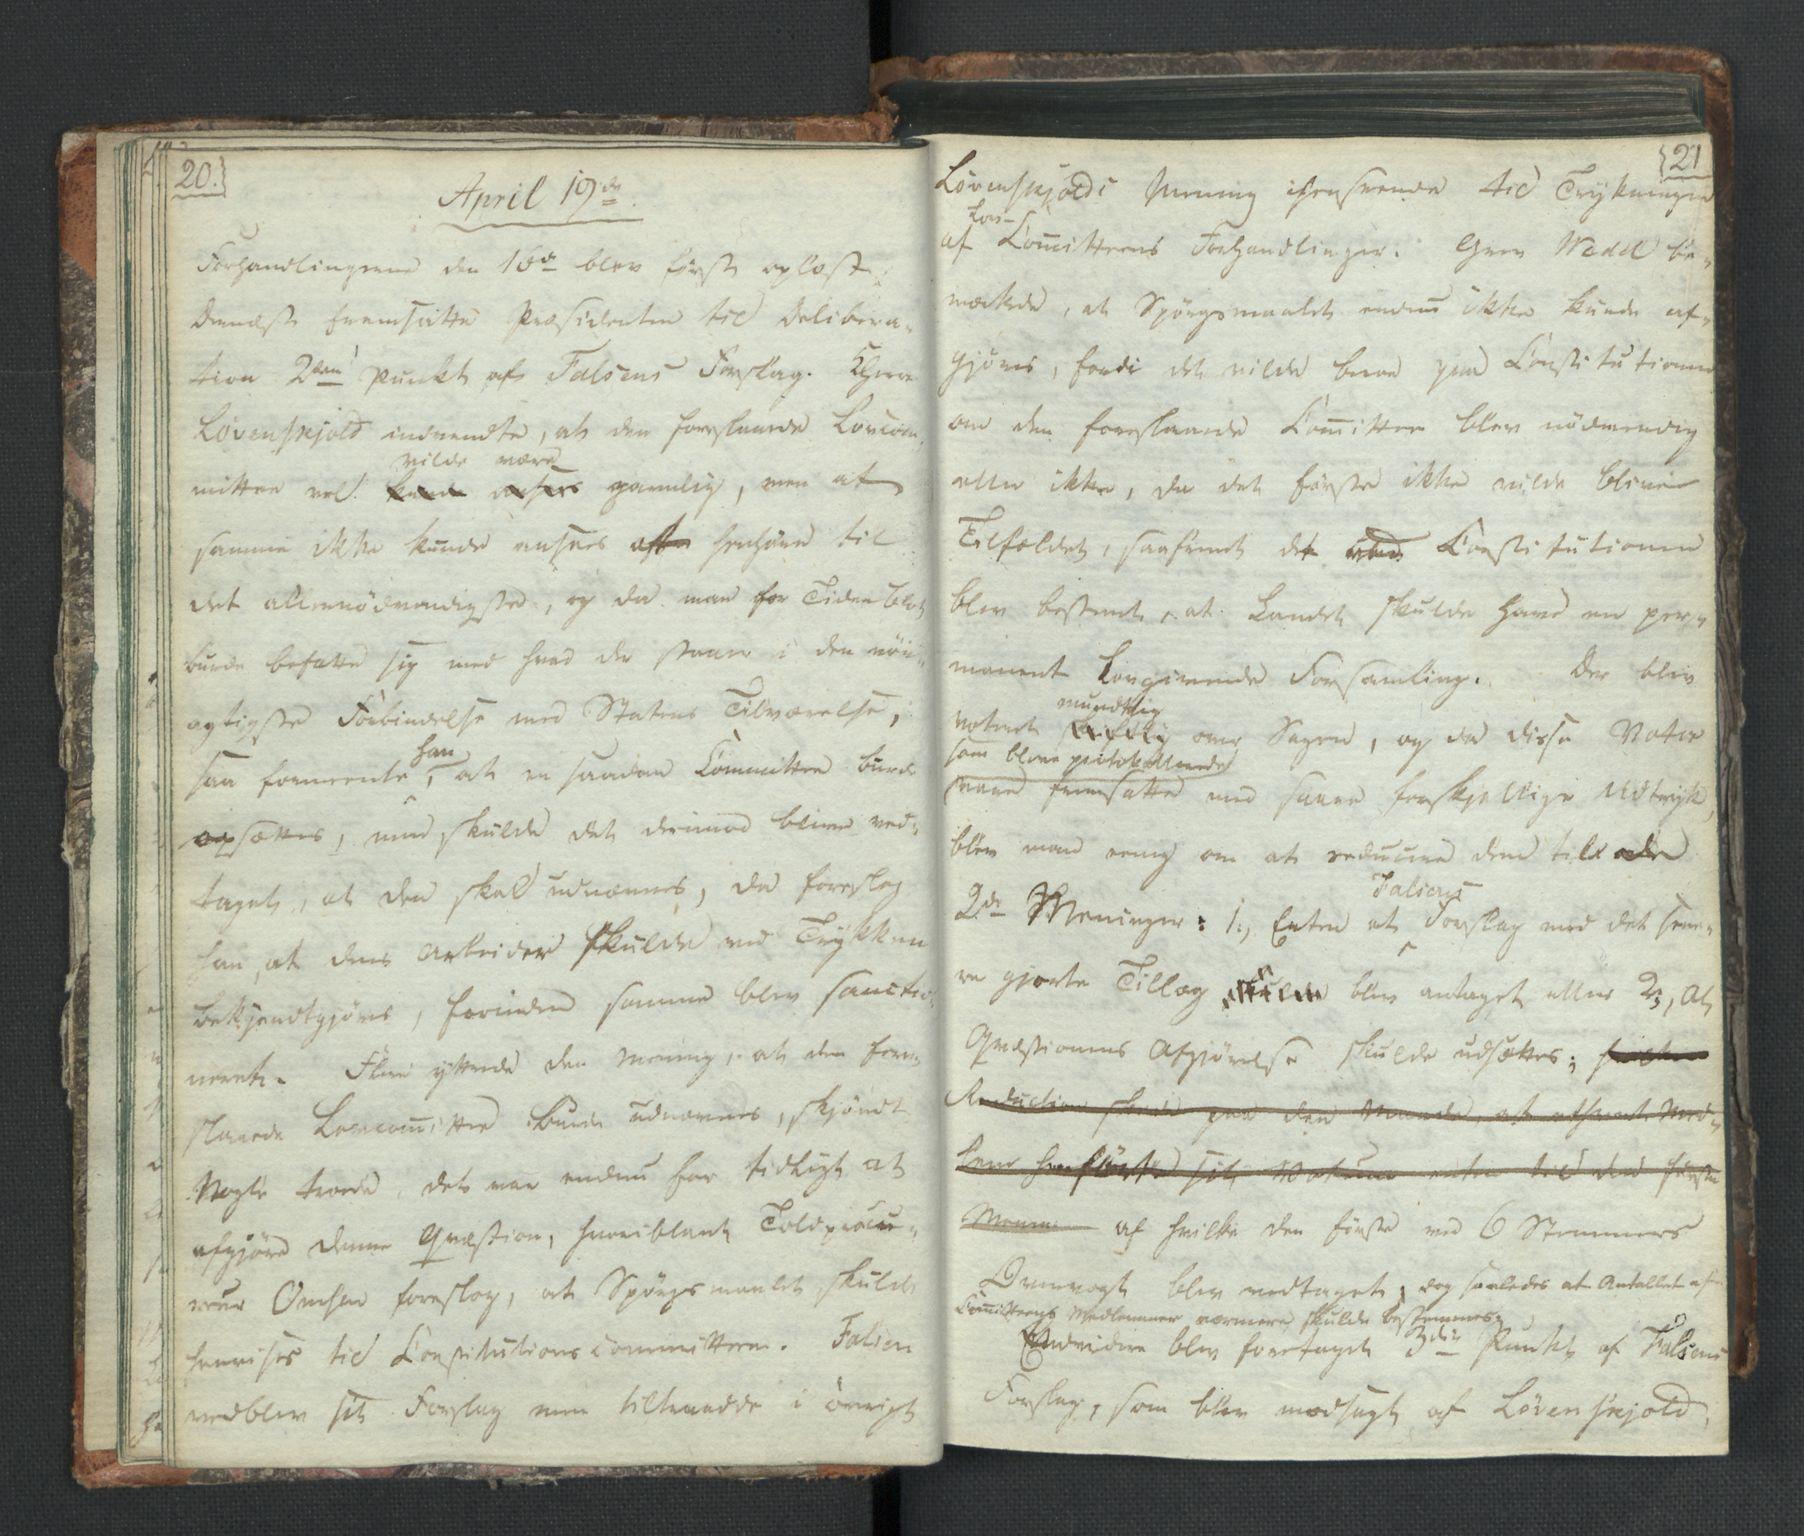 RA, Manuskriptsamlingen, H/L0021: Byfogd Gregers Winther Wulfbergs dagbok under Riksforsamlingen på Eidsvoll, 1814, s. 20-21